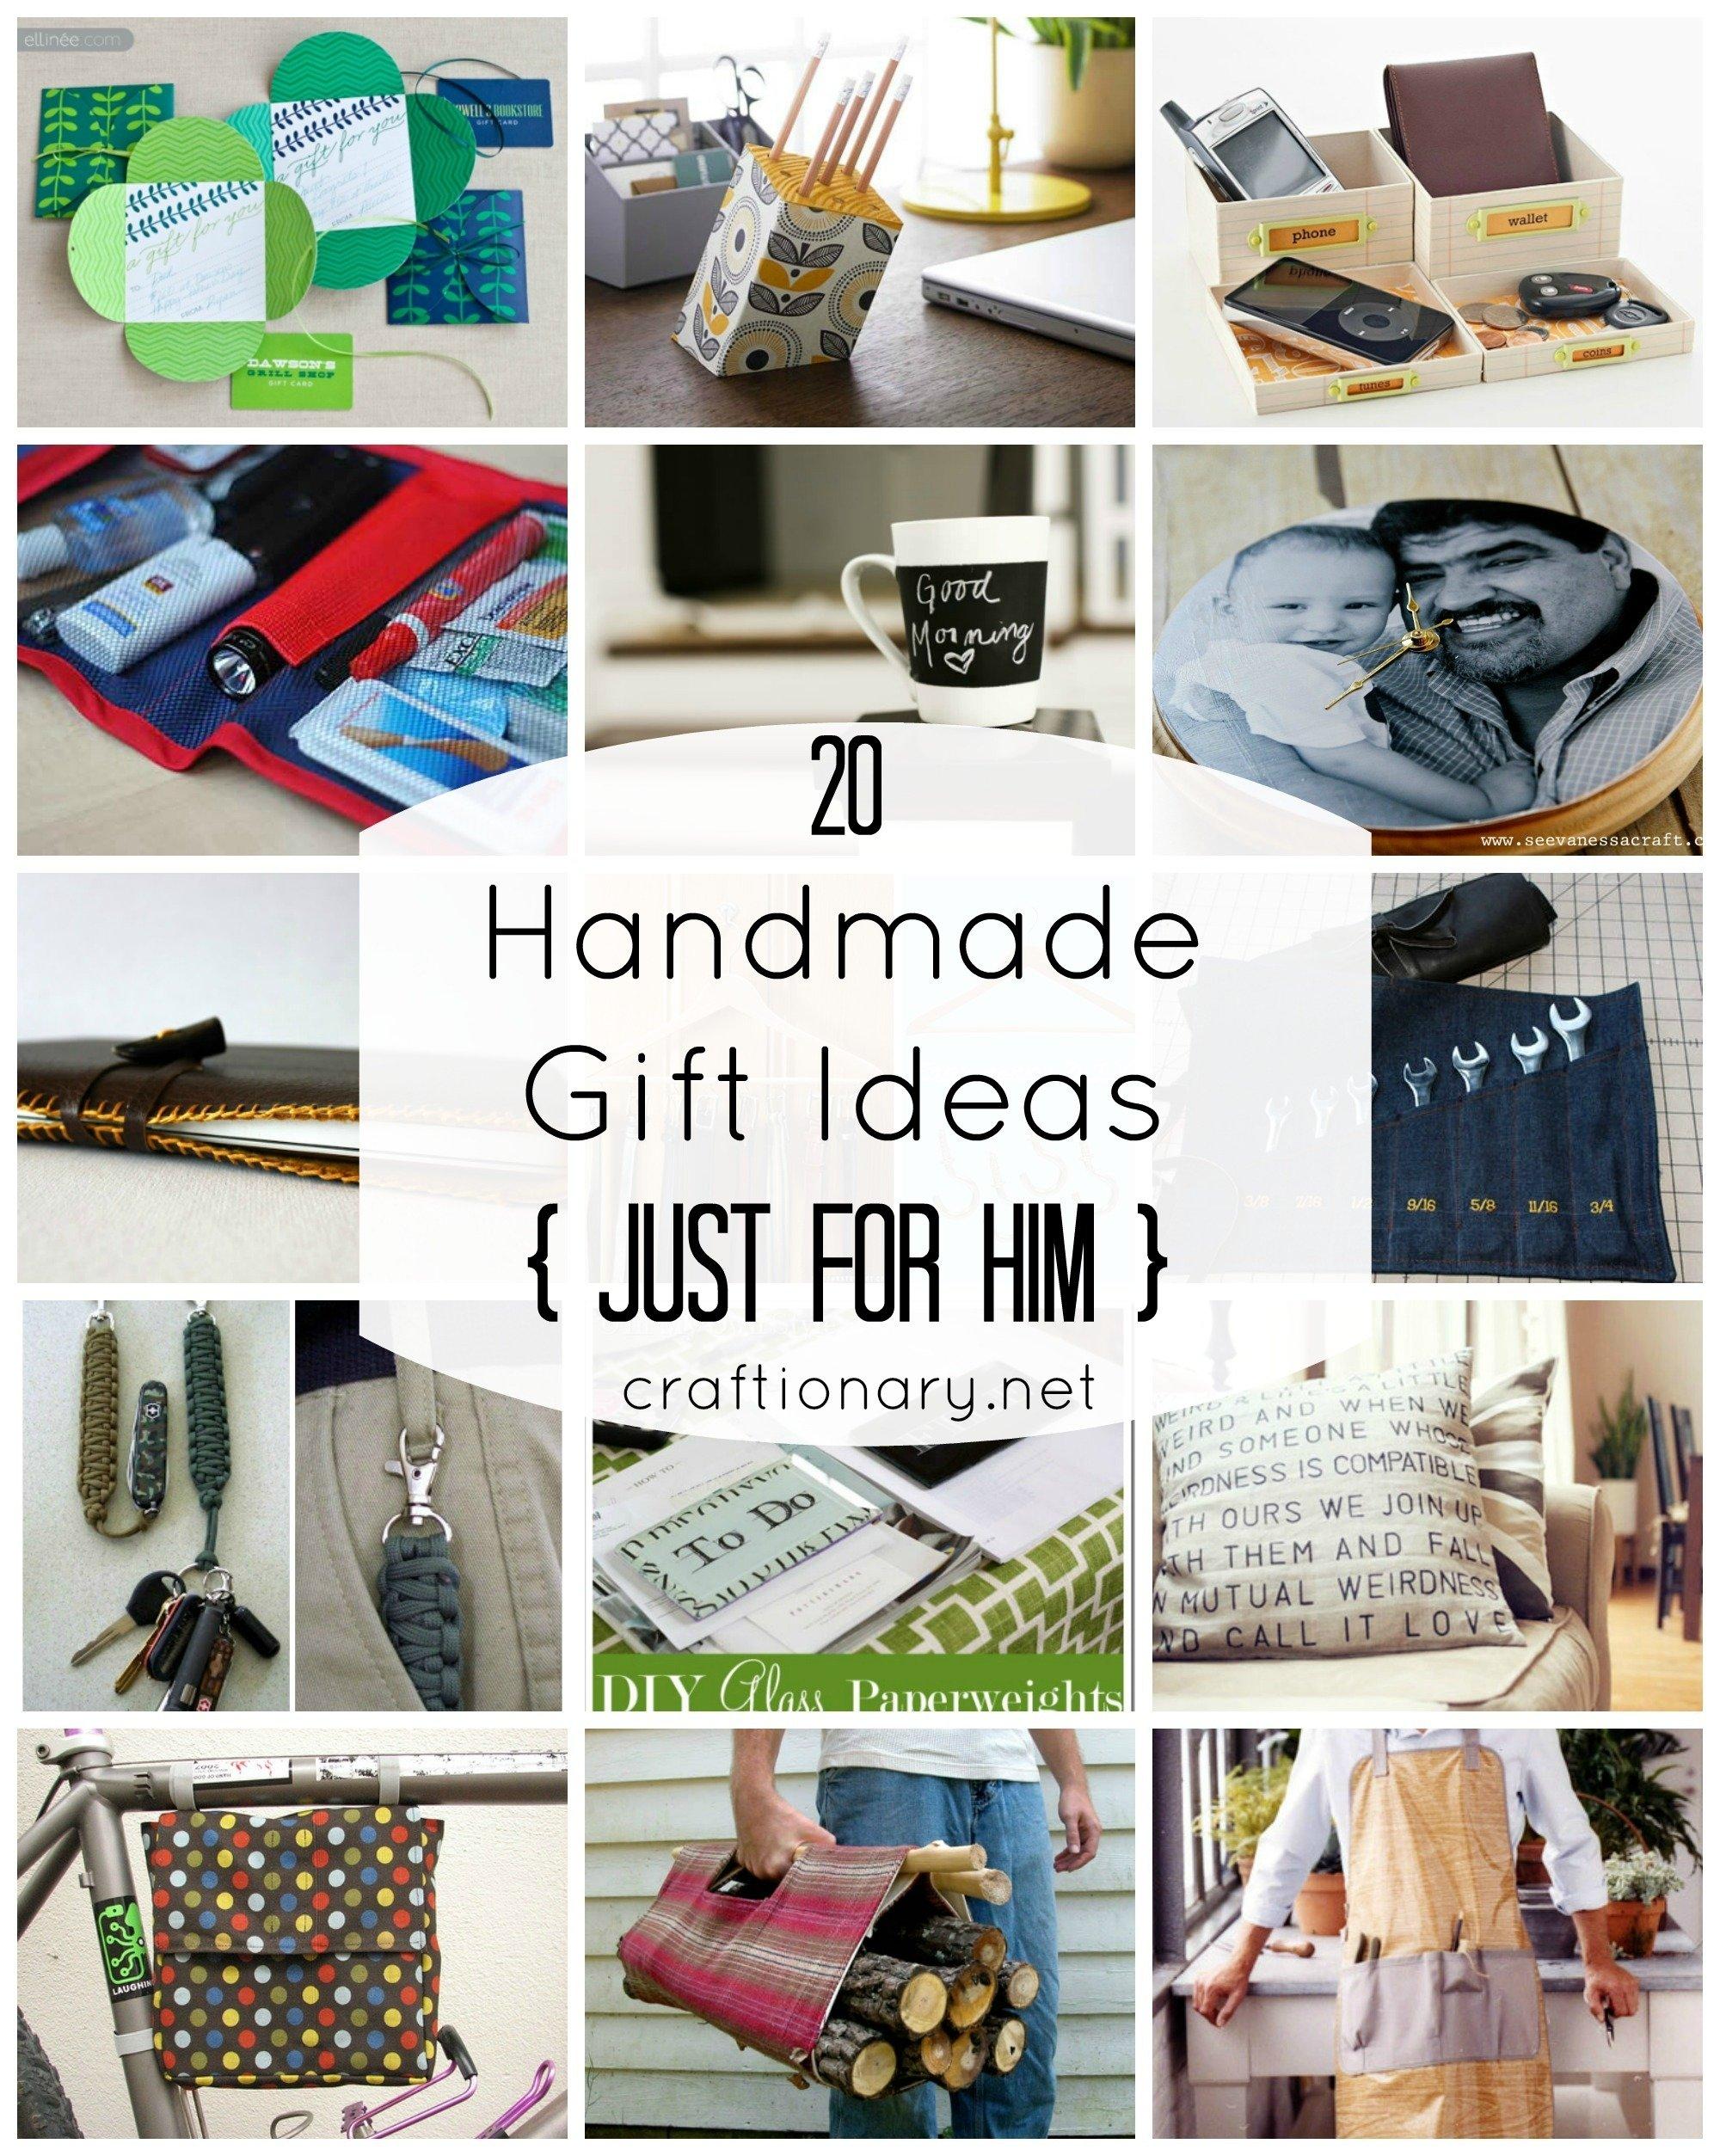 10 Elegant Christmas Gift Ideas For Men 2013